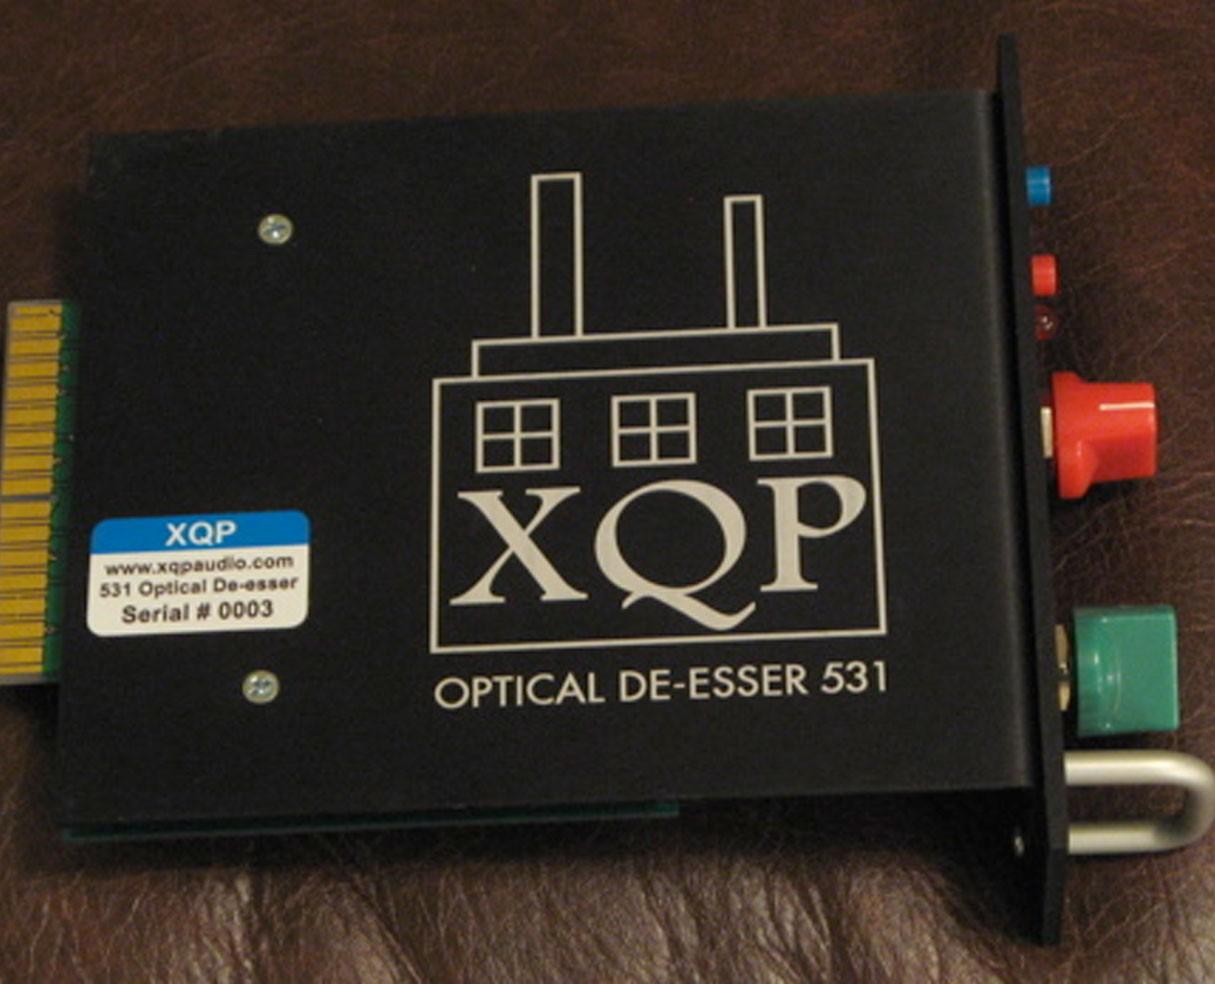 XQP 531 Optical De-esser